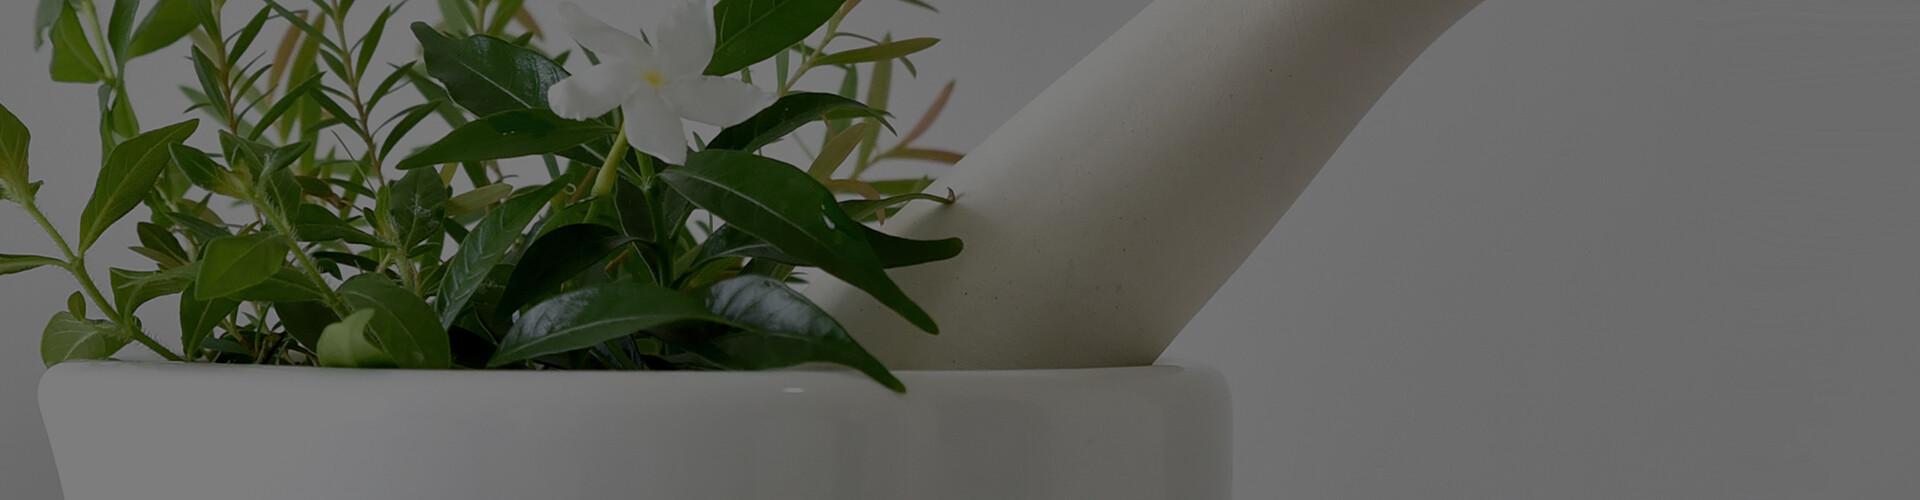 Grafika strony Składniki roślinne